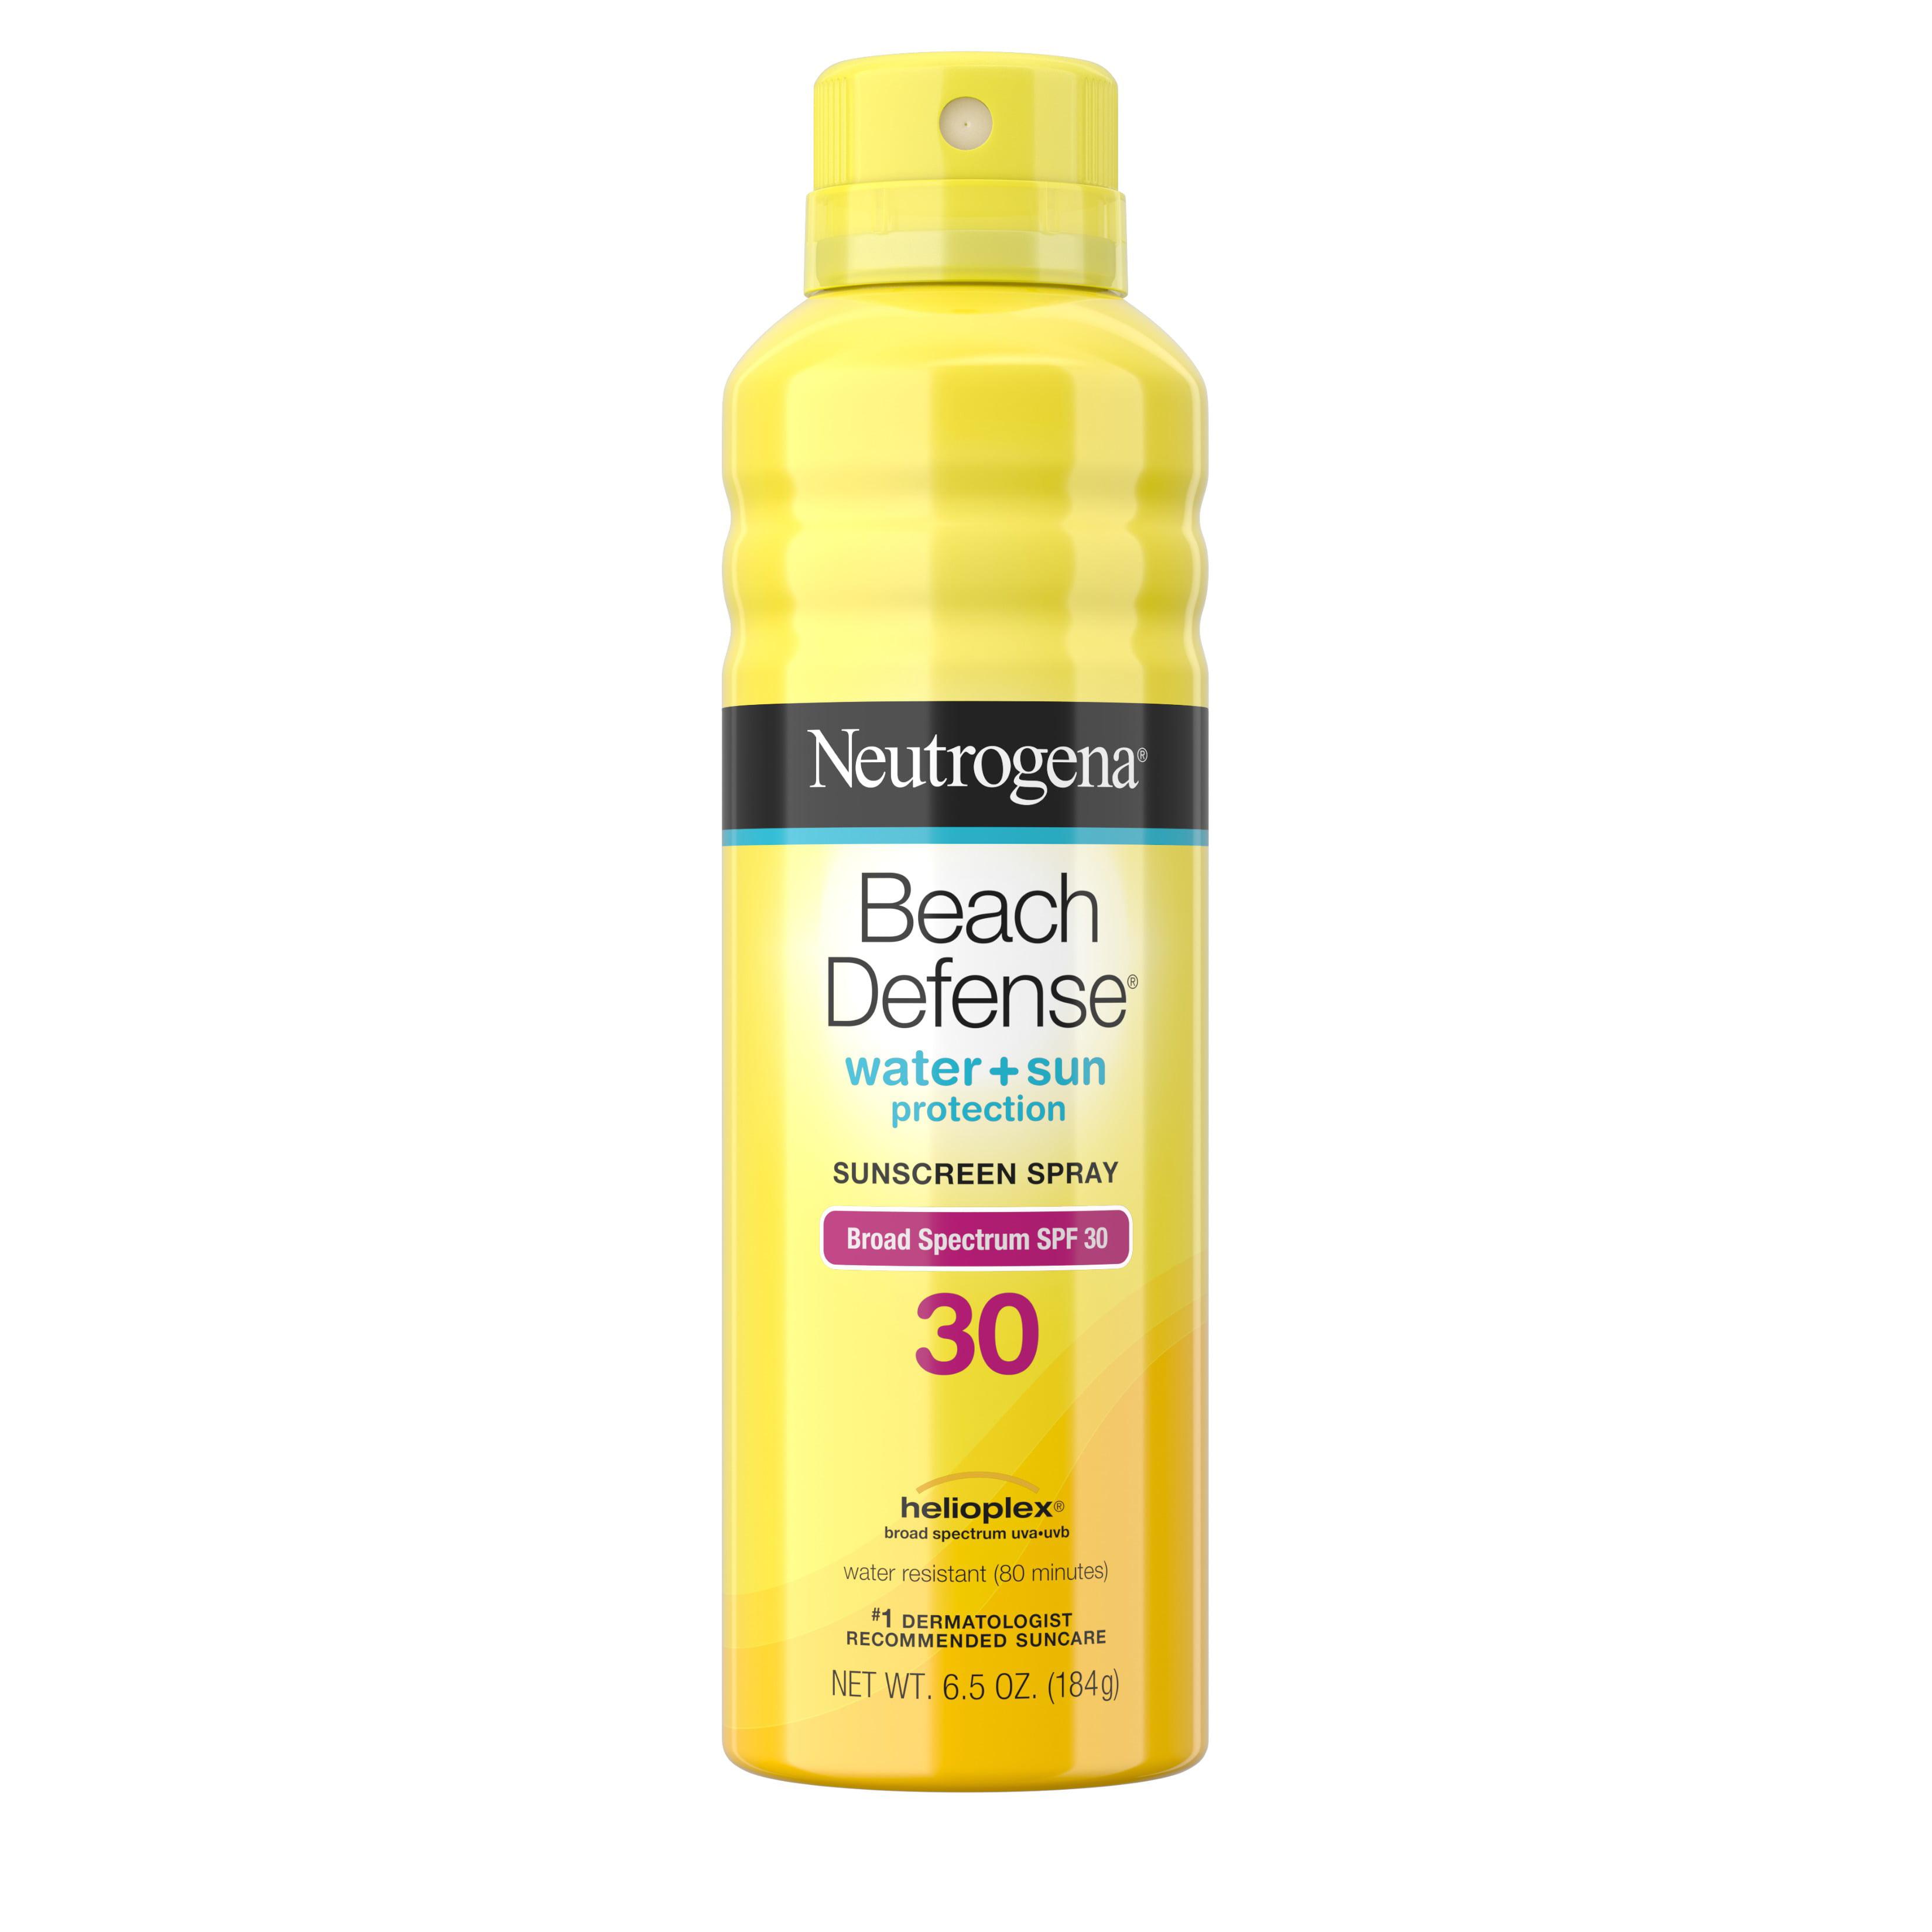 Neutrogena Beach Defense Oil-free Body Sunscreen Spray, SPF 30, 6.5 oz